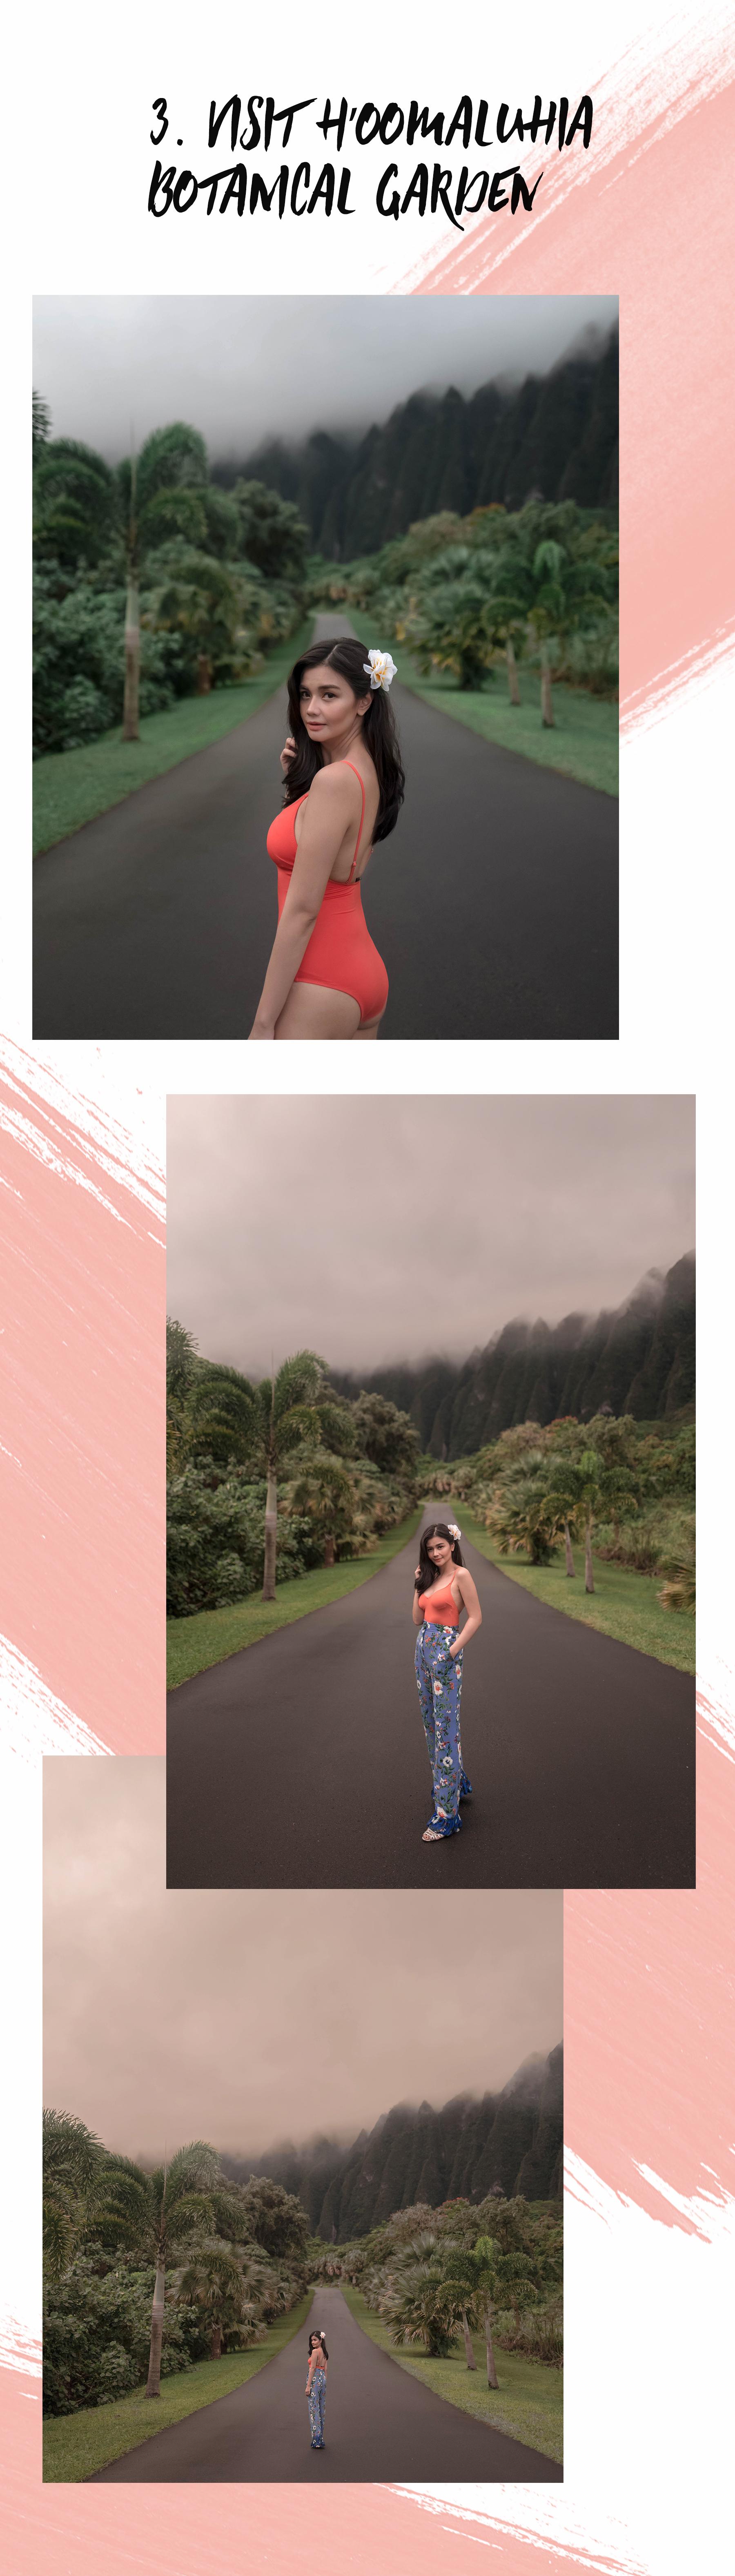 VV Hawaii 3